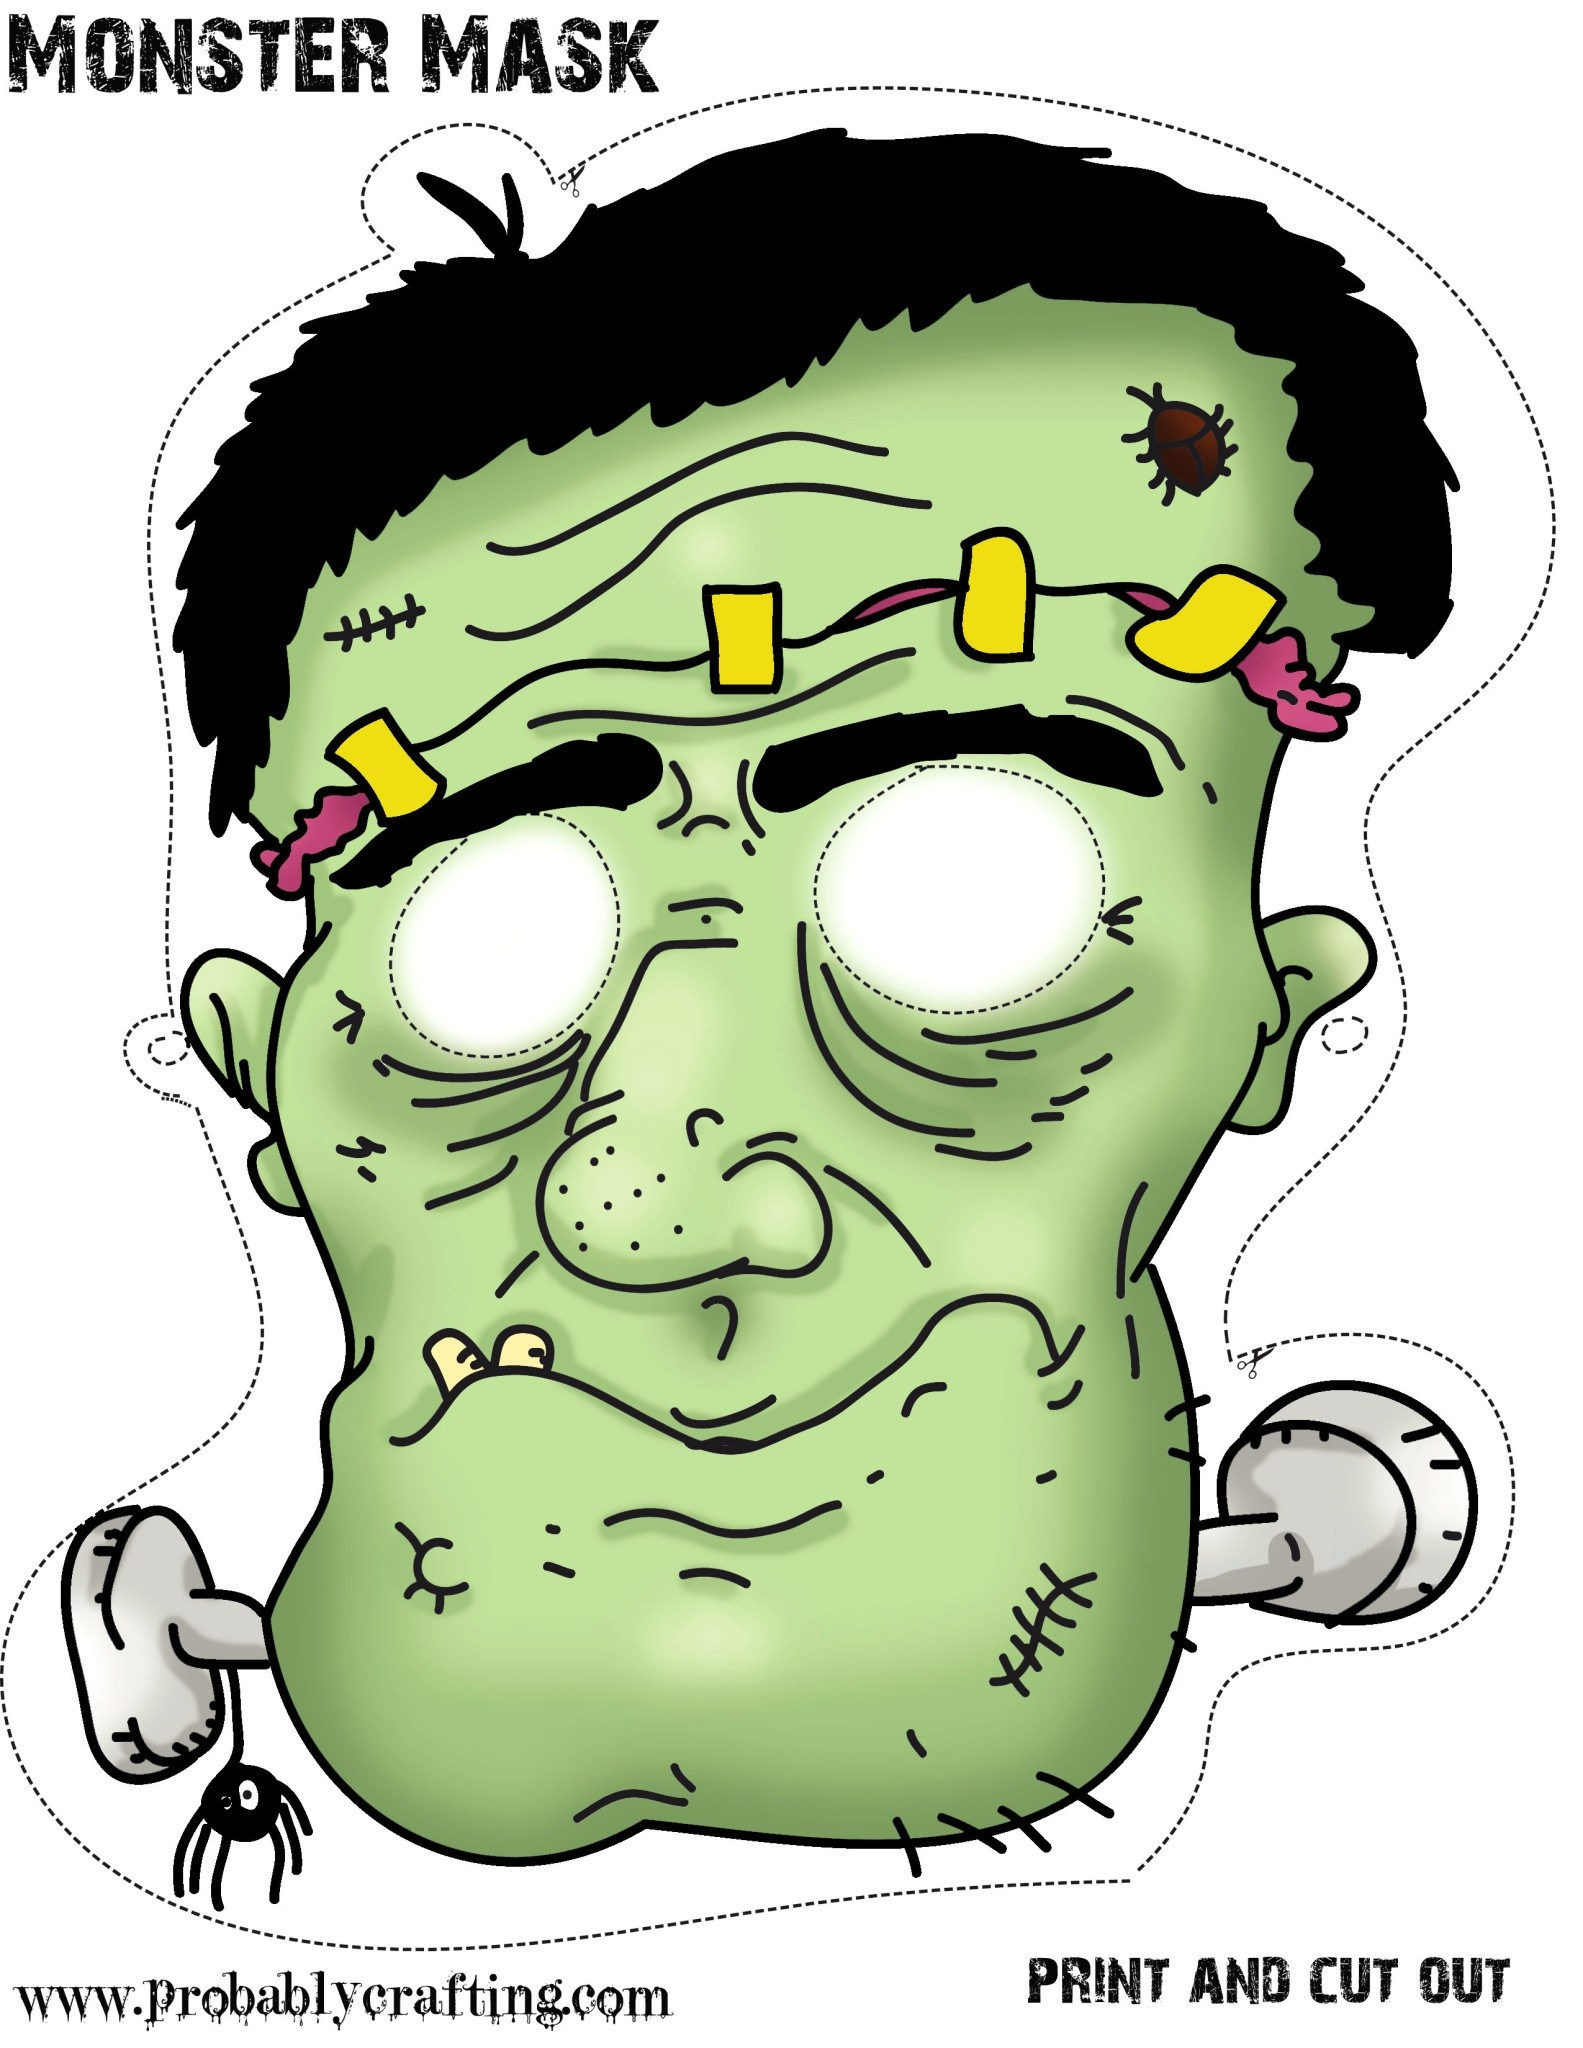 Free Printable Halloween Monster Mask ⋆ Miniature Masterminds - Free Printable Halloween Face Masks